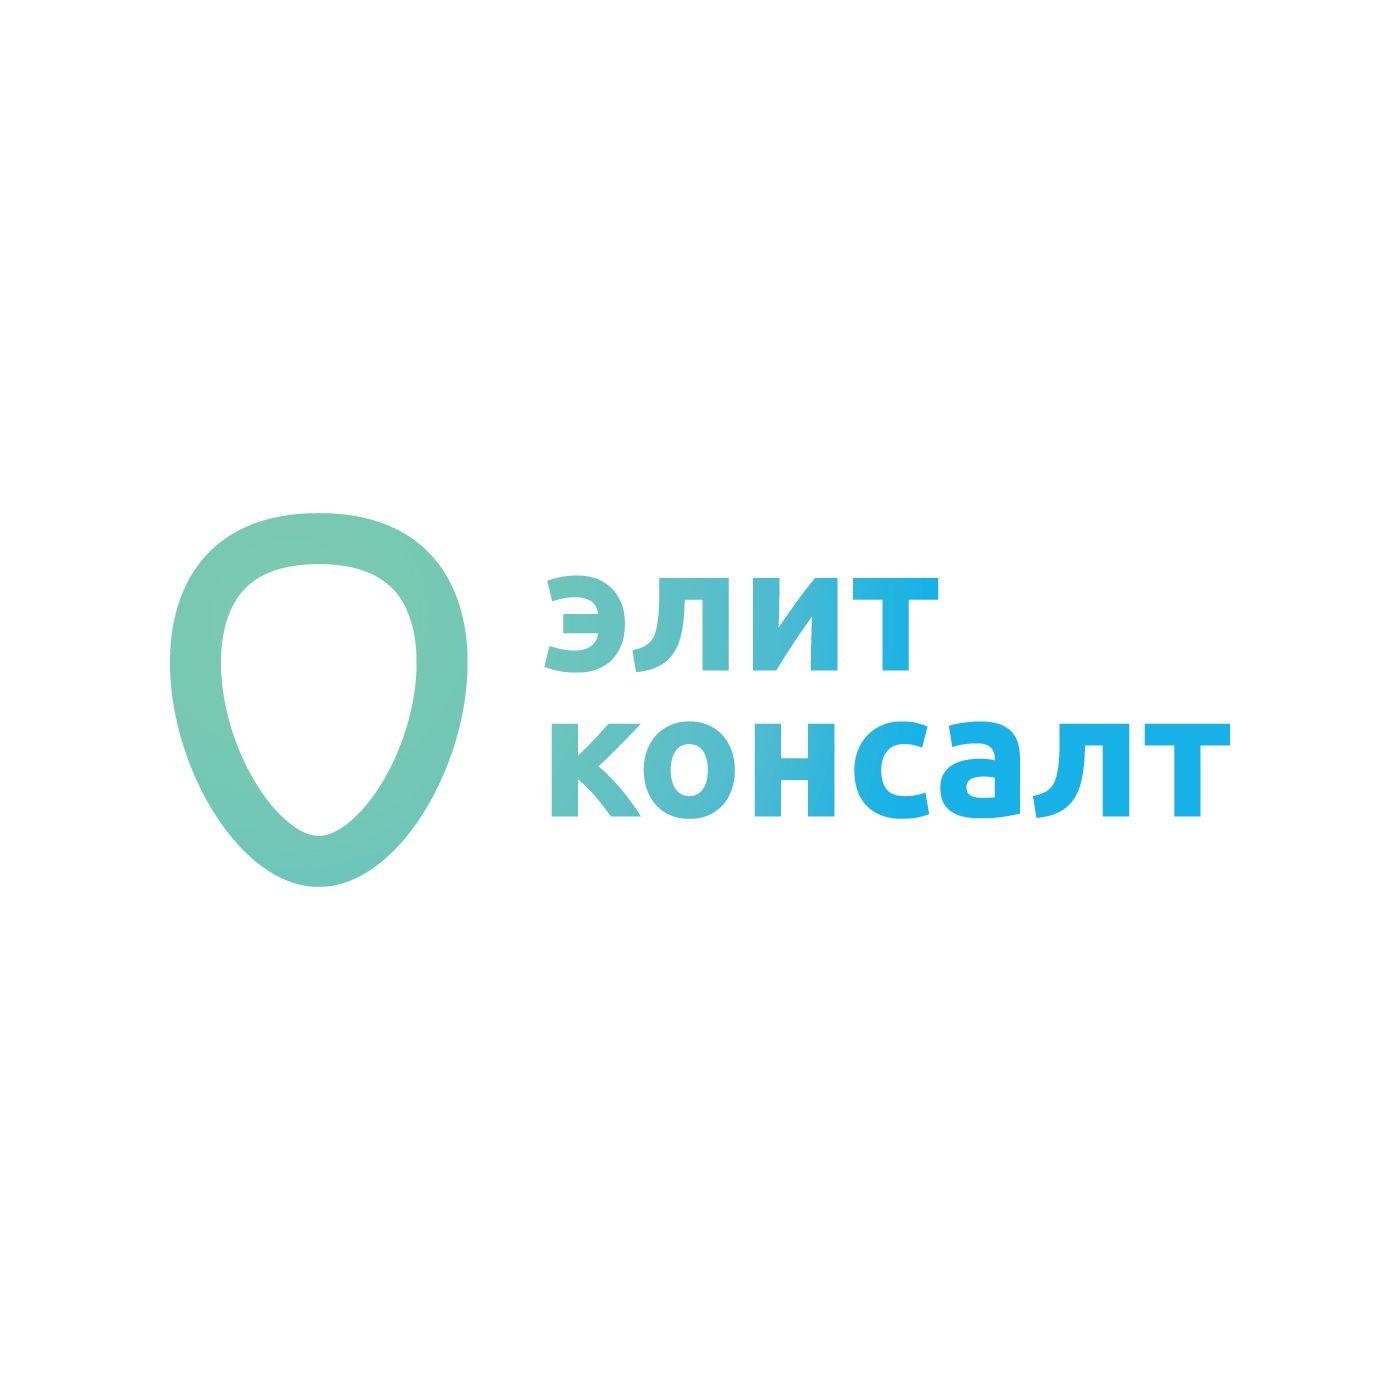 Логотип консалт-компании. Ждем еще предложения! - дизайнер rikozi